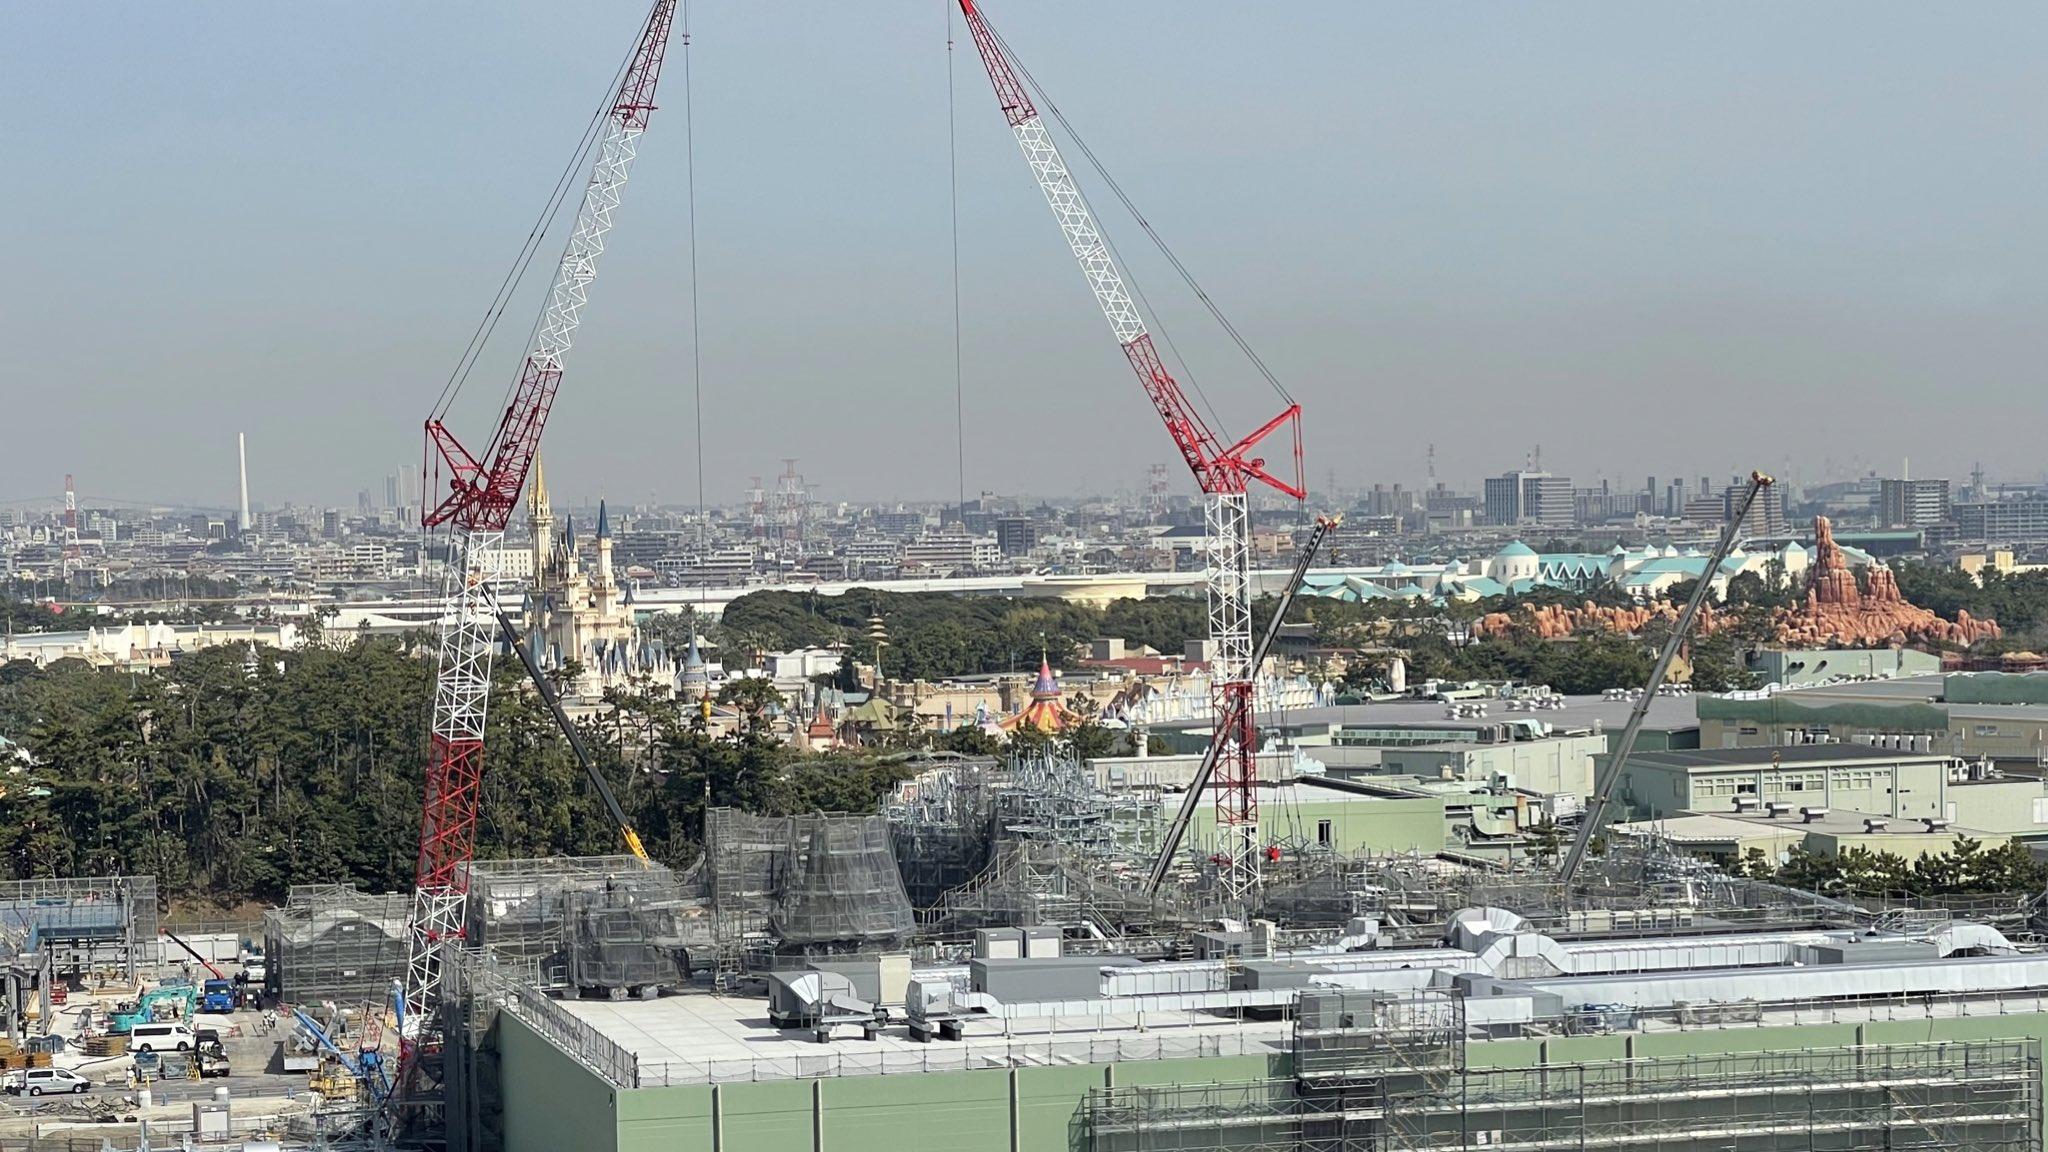 Extension du Parc Walt Disney Studios avec nouvelles zones autour d'un lac (2022-2025) EvZkcIjUcAIJAyp?format=jpg&name=large